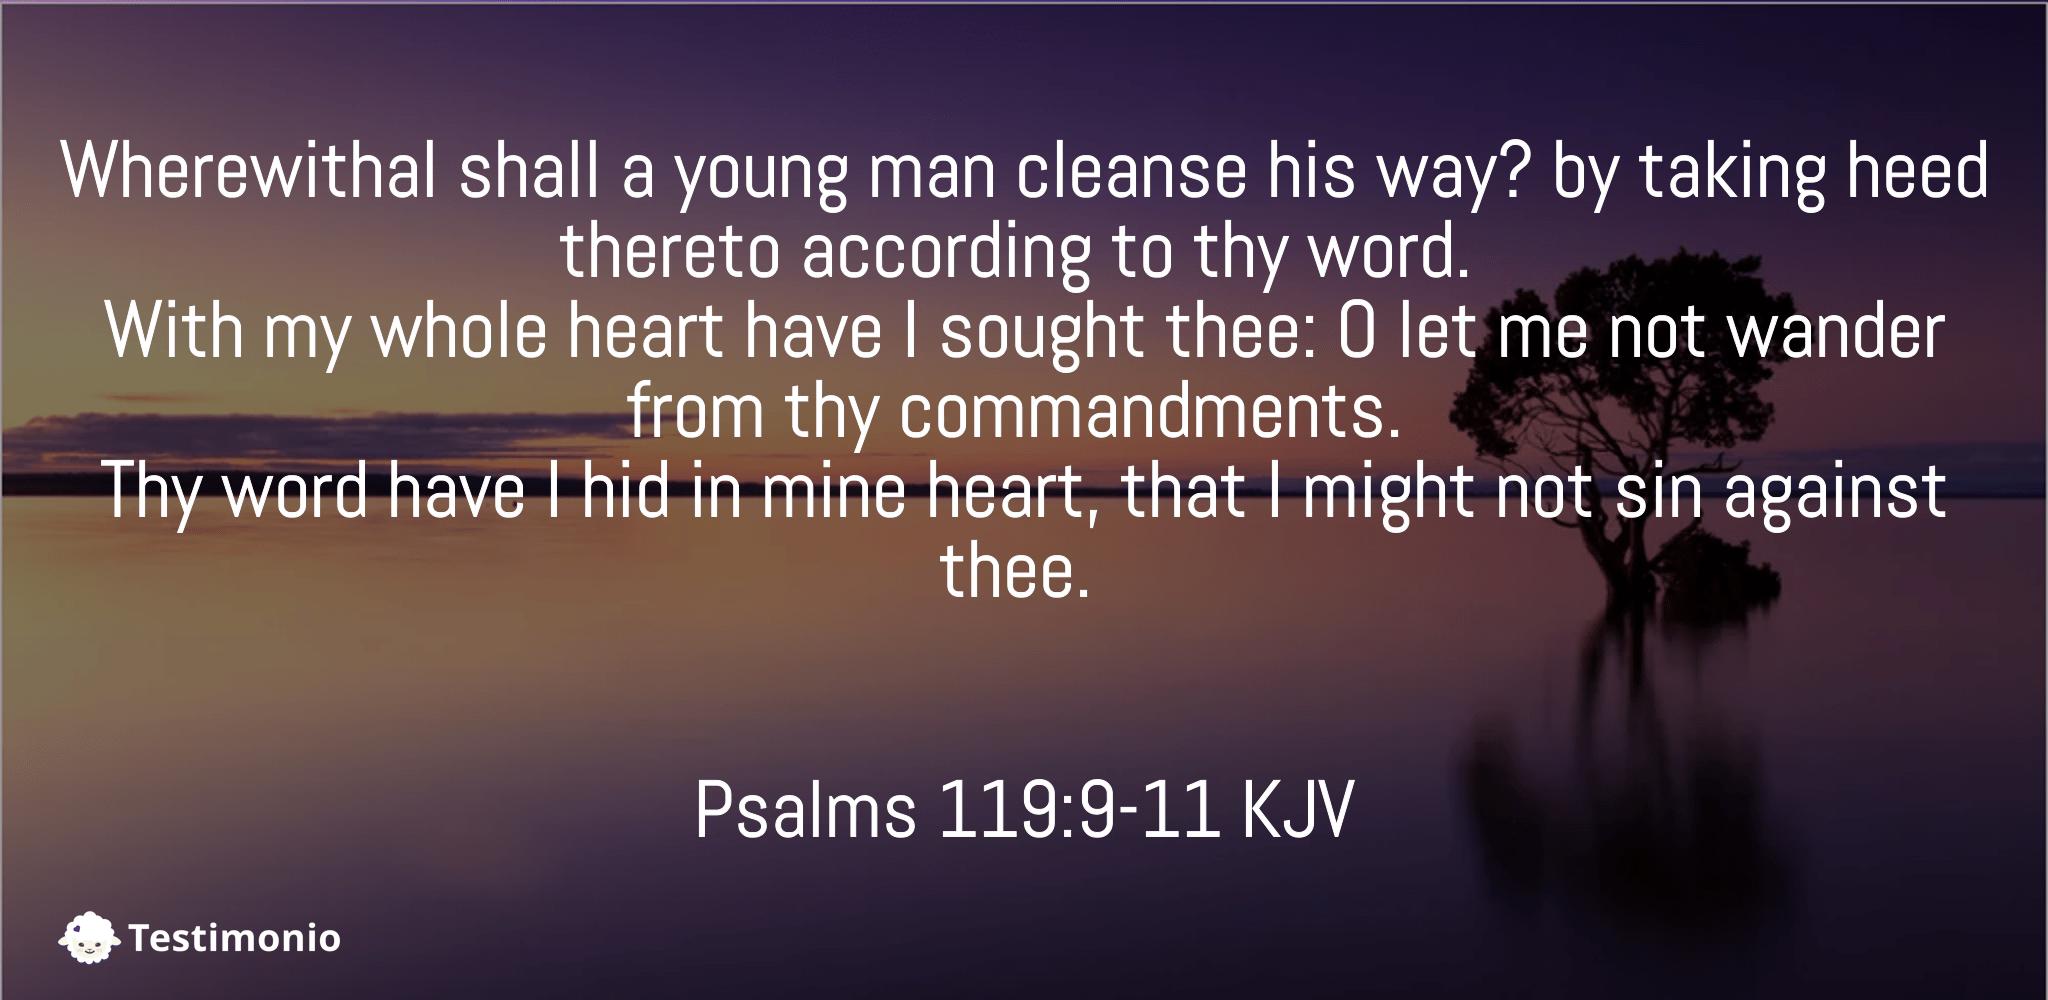 Psalms 119:9-11